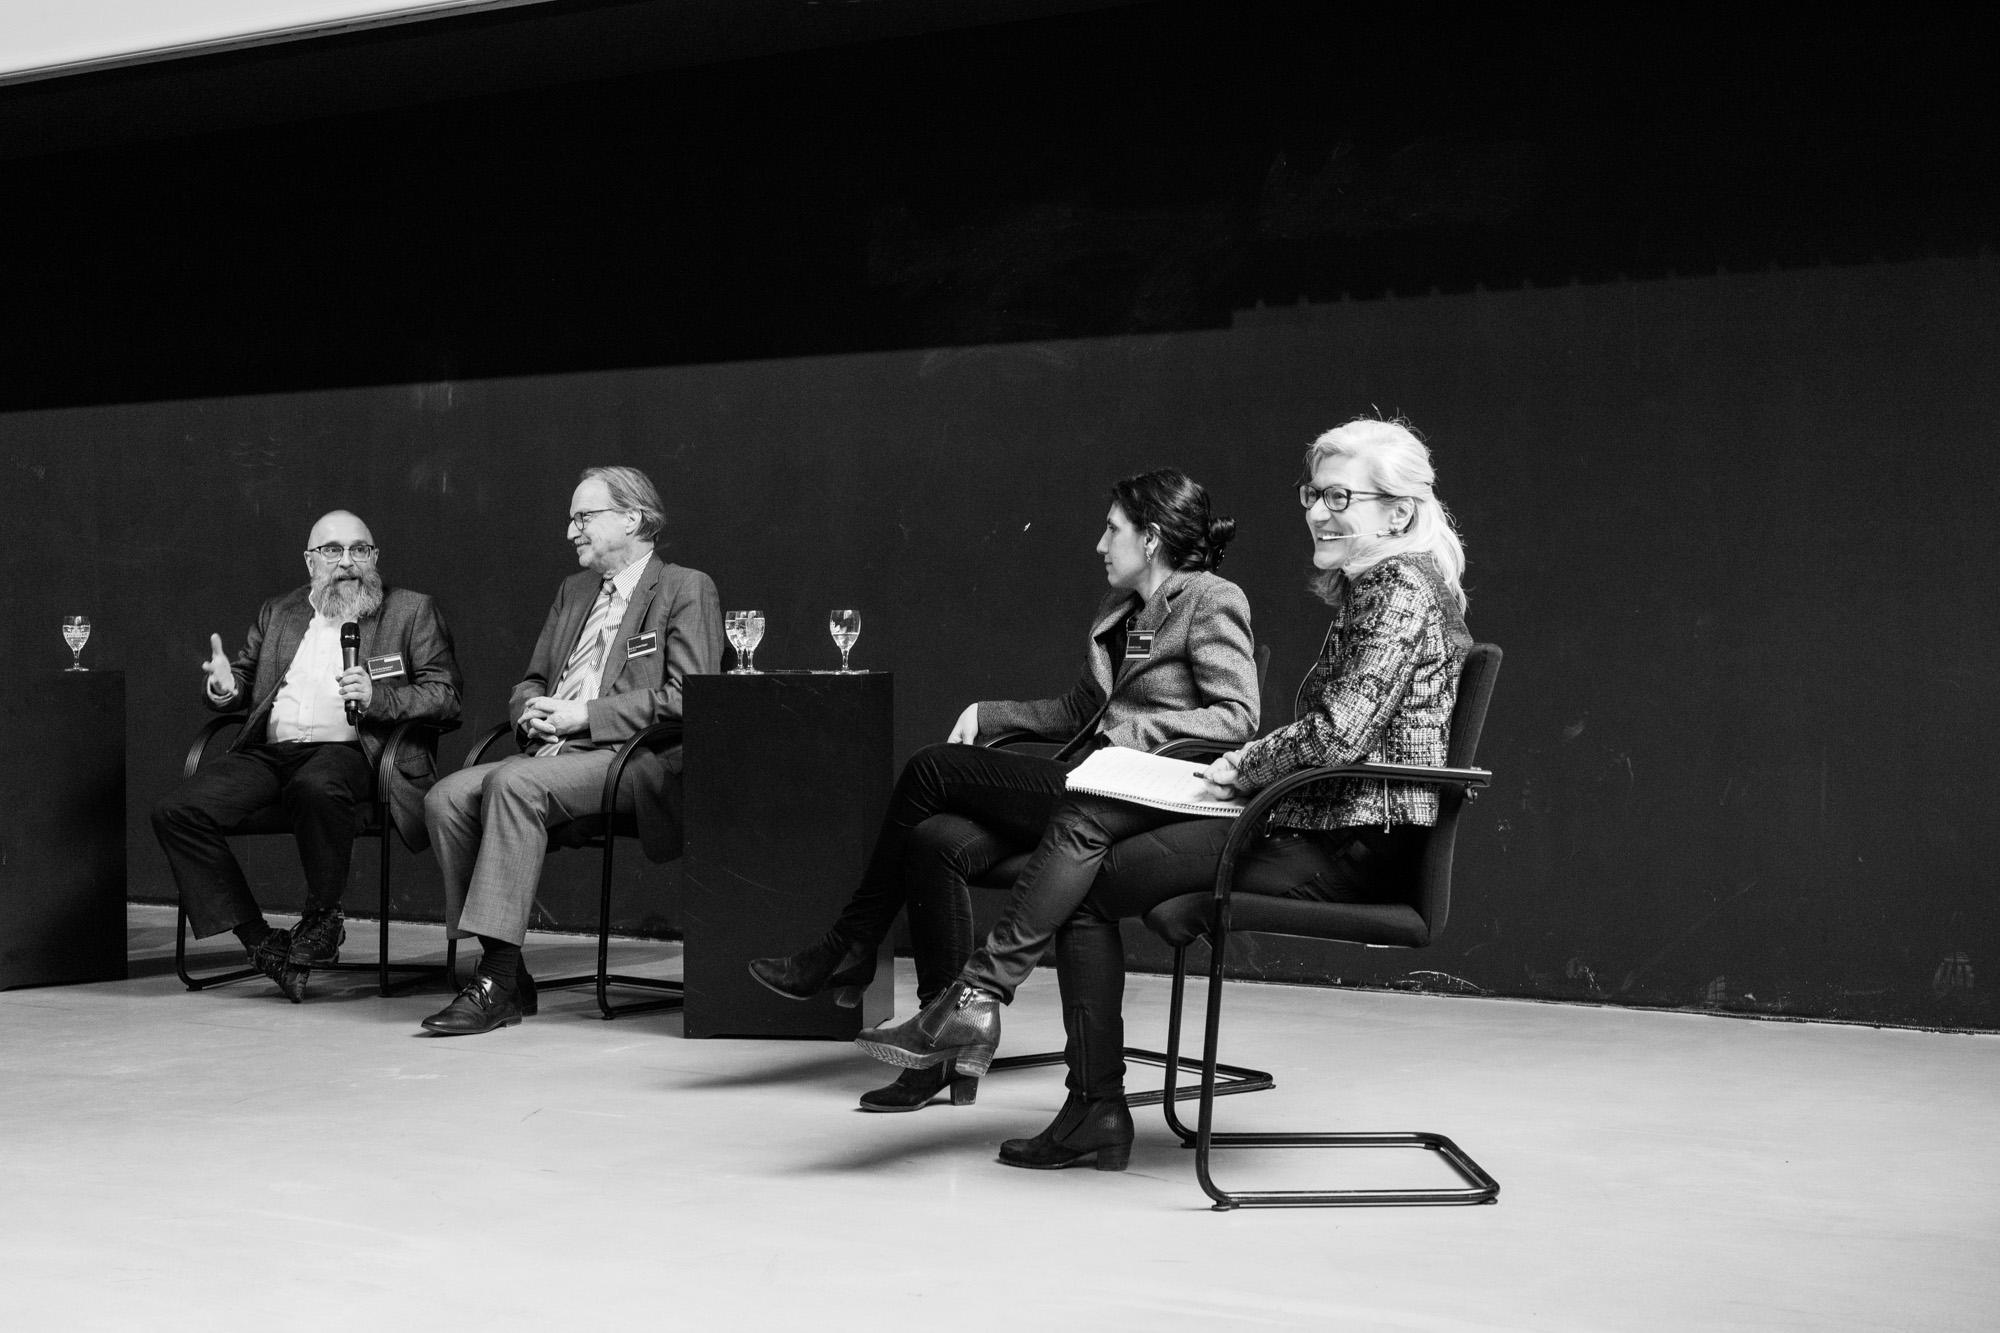 Diskussion Sektion 3. Fotografen: Samuel Solazzo, Jannis Uffrecht, Philipp Niemeyer